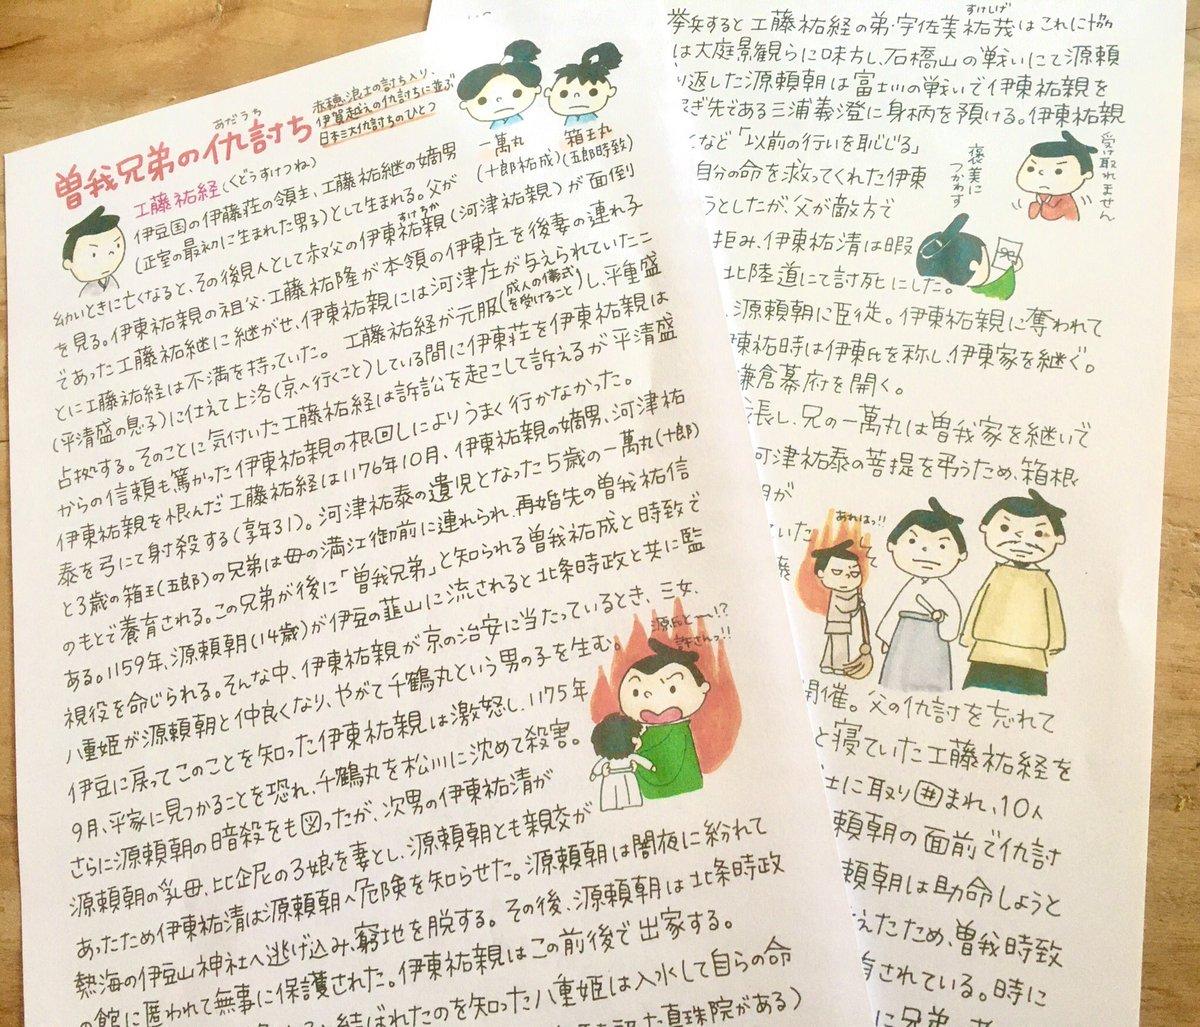 鎌倉時代年表